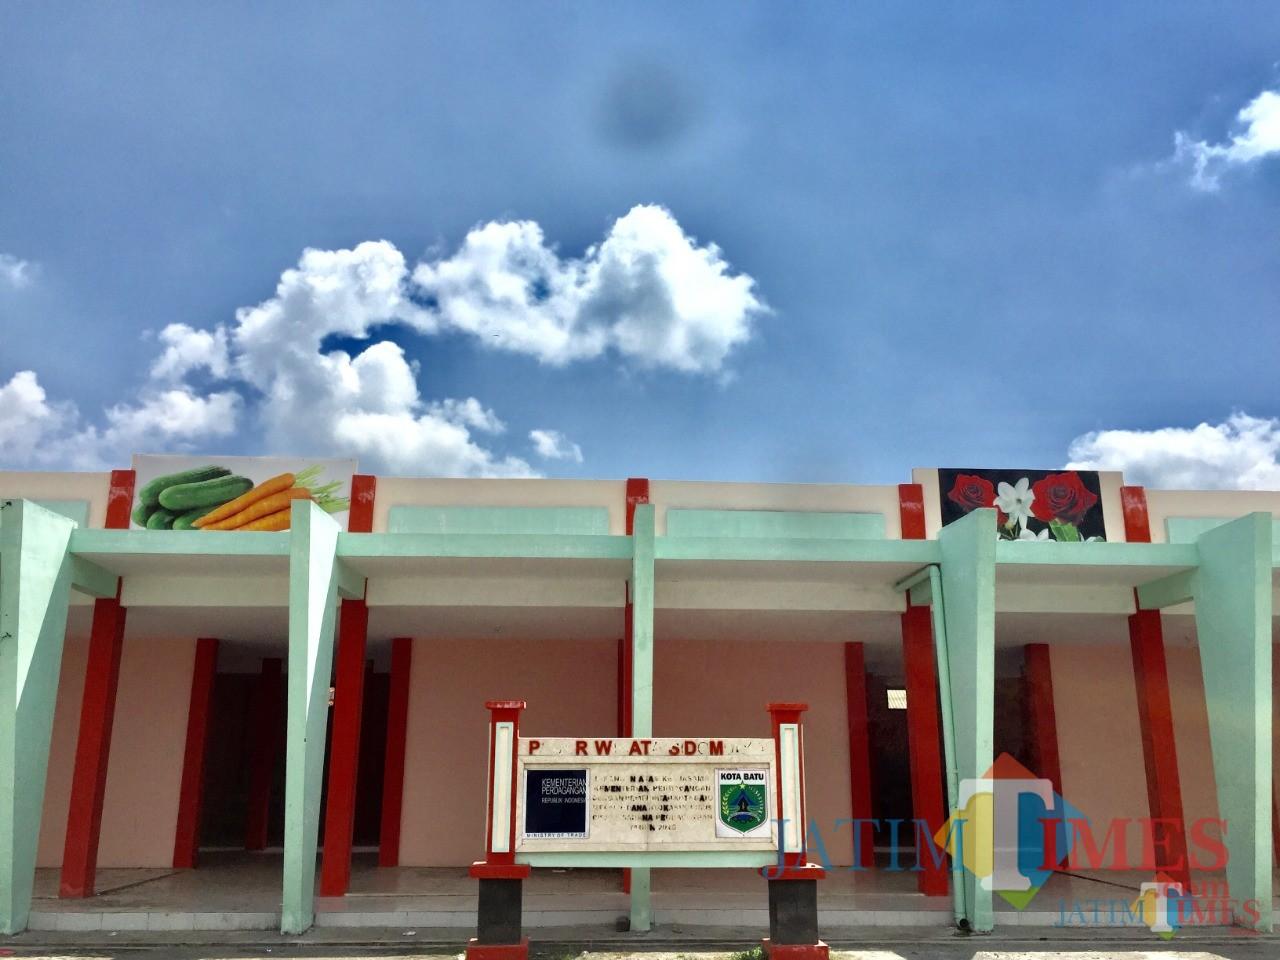 Pasar desa wisata ini terletak di rest area jalan Jl Bukit Berbunga, Desa Sidomulyo, Kecamatan Batu. (Foto: Irsya Richa/MalangTIMES)